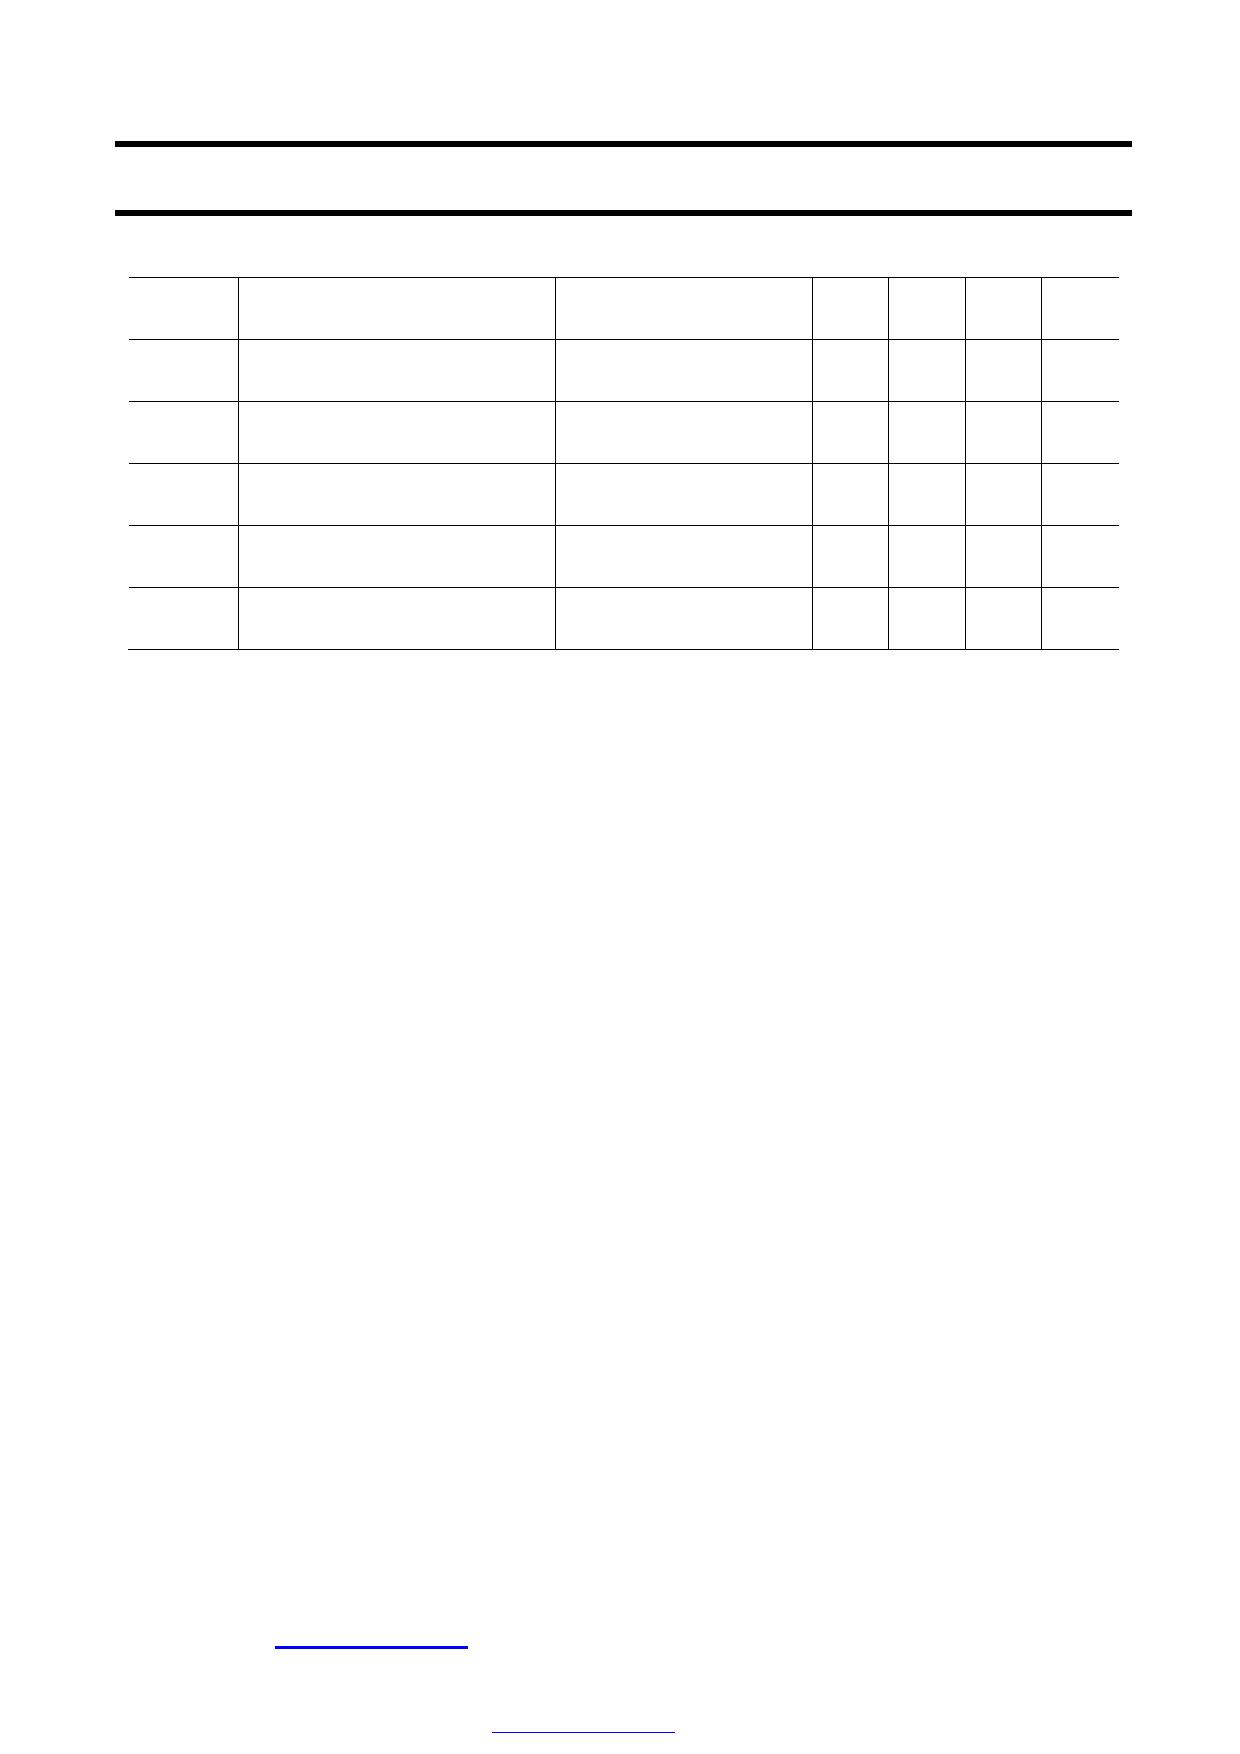 2SK1703 data sheet